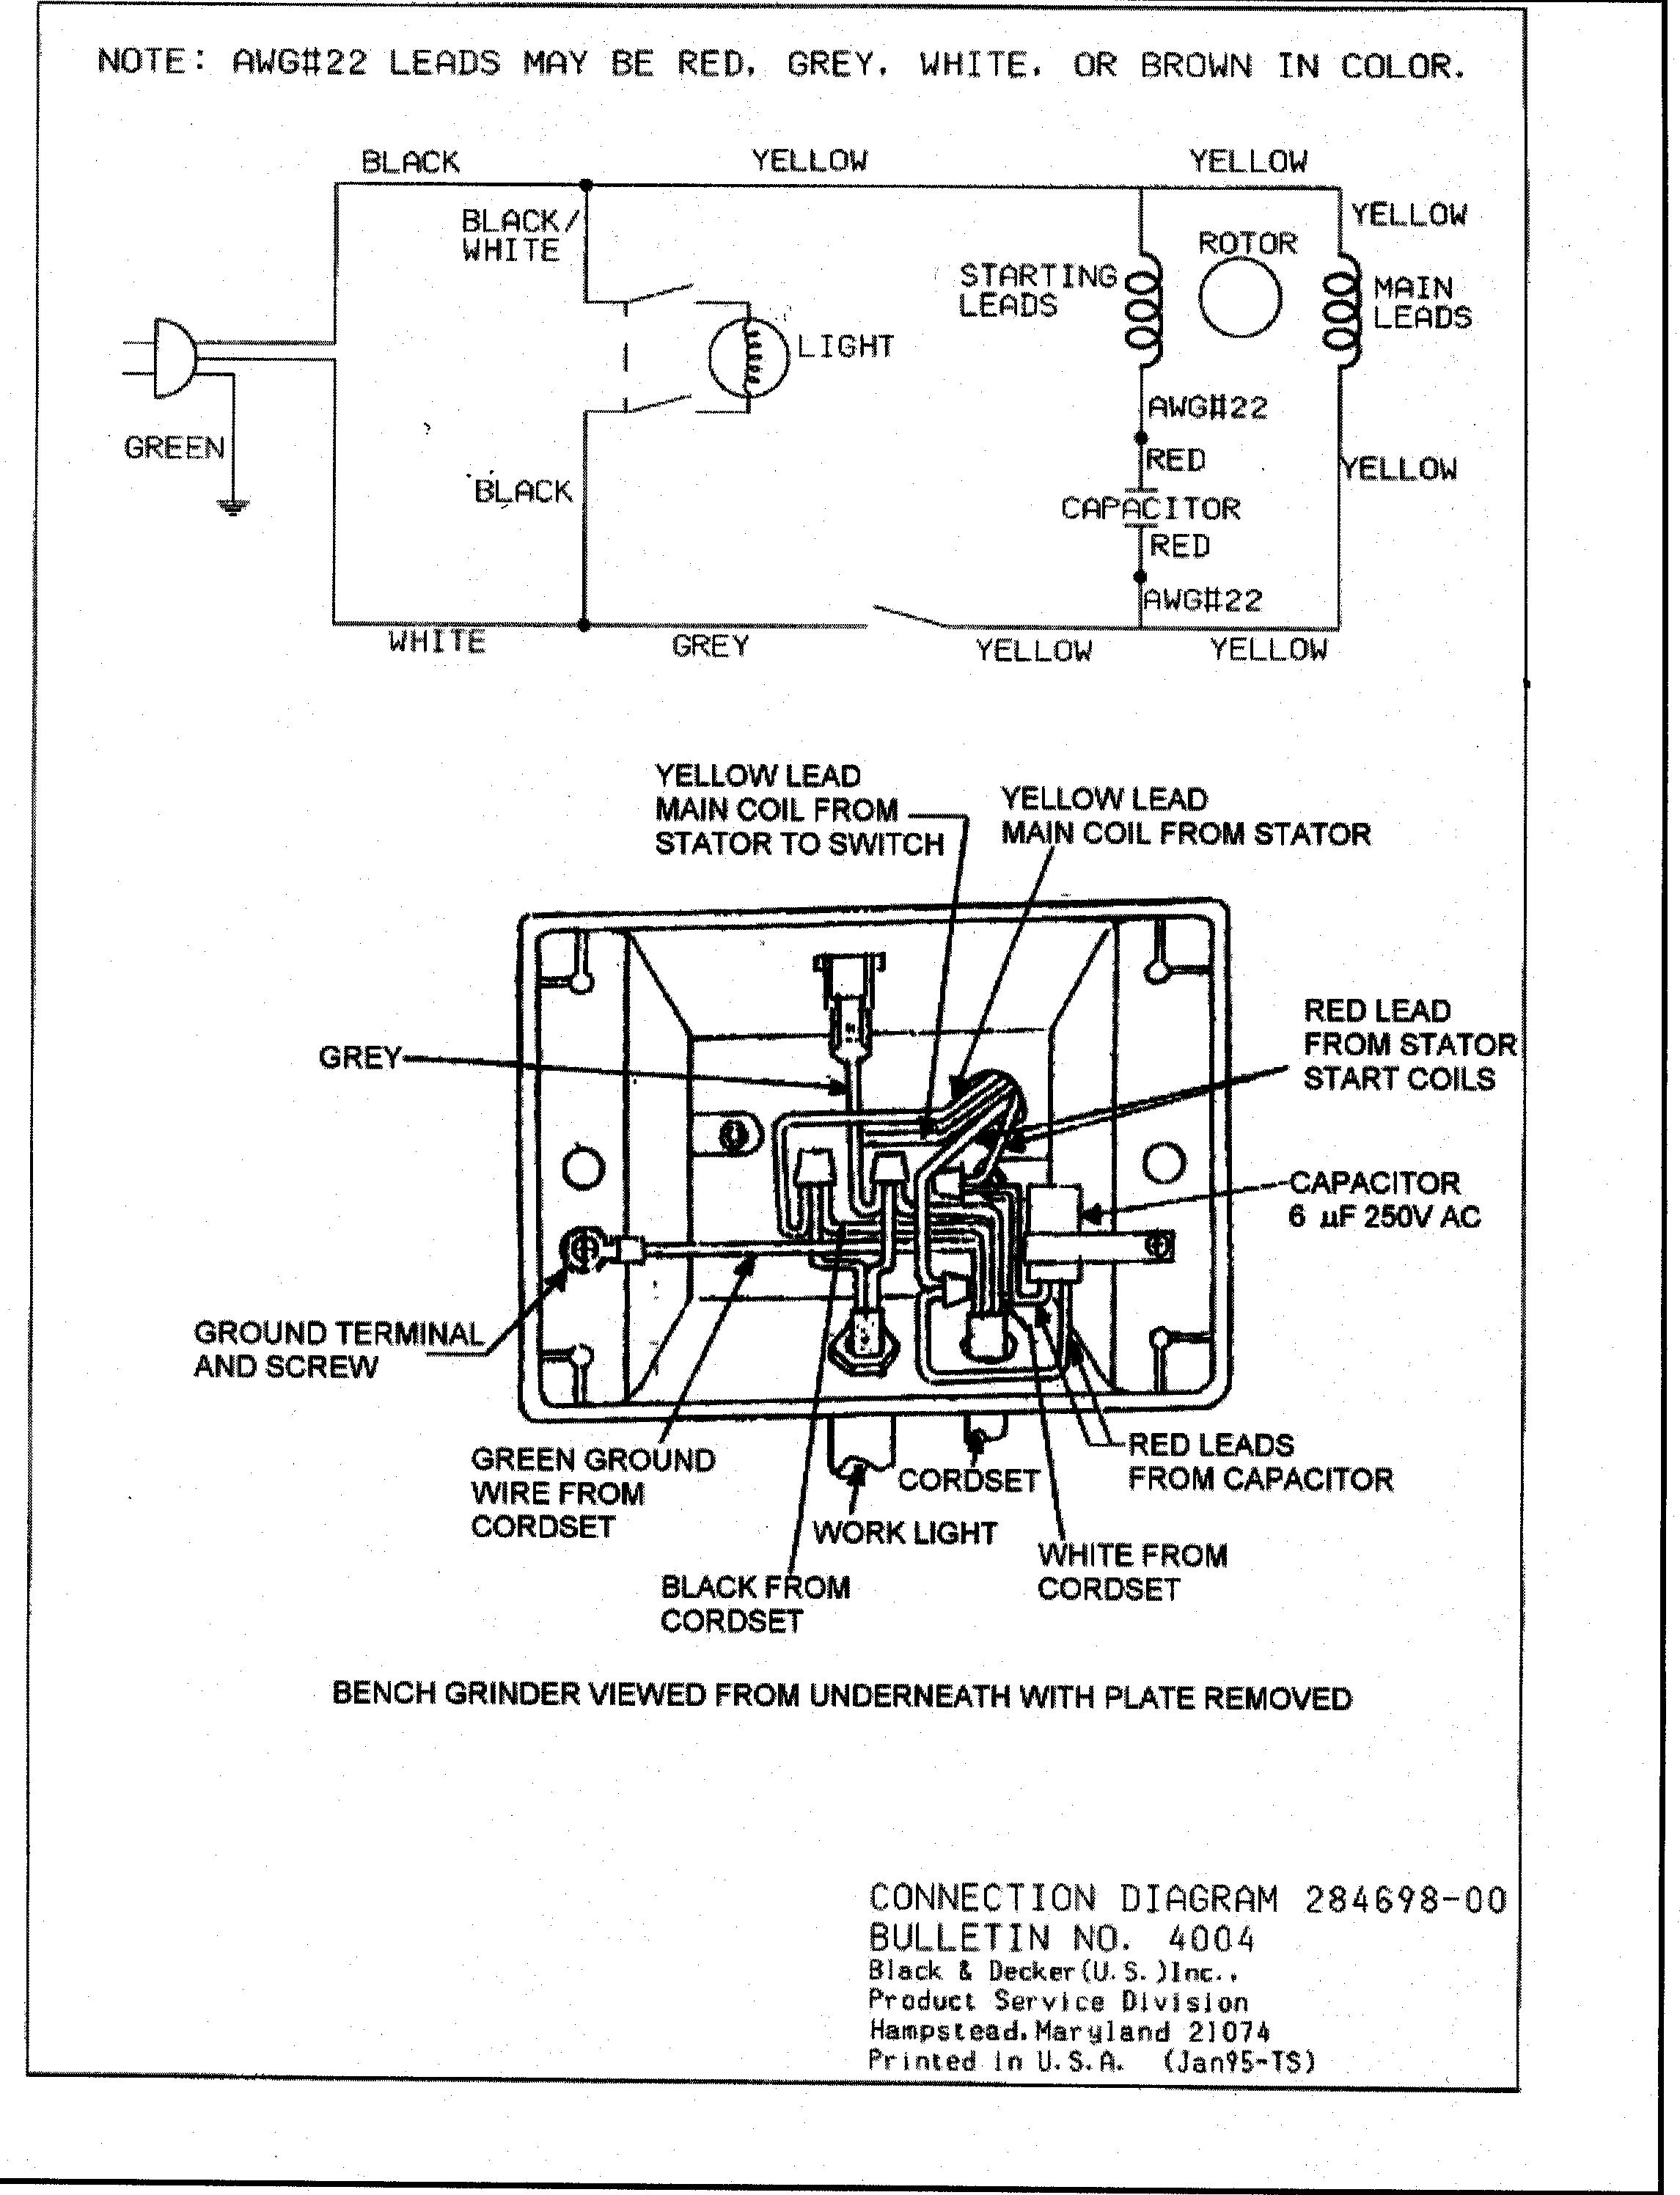 Bench Grinder Wiring Diagram - 200 Toyota Rav4 Fuse Box -  toshiba.tukune.jeanjaures37.fr | Wilton Grinder Wiring Diagram 6 Wires |  | Wiring Diagram Resource